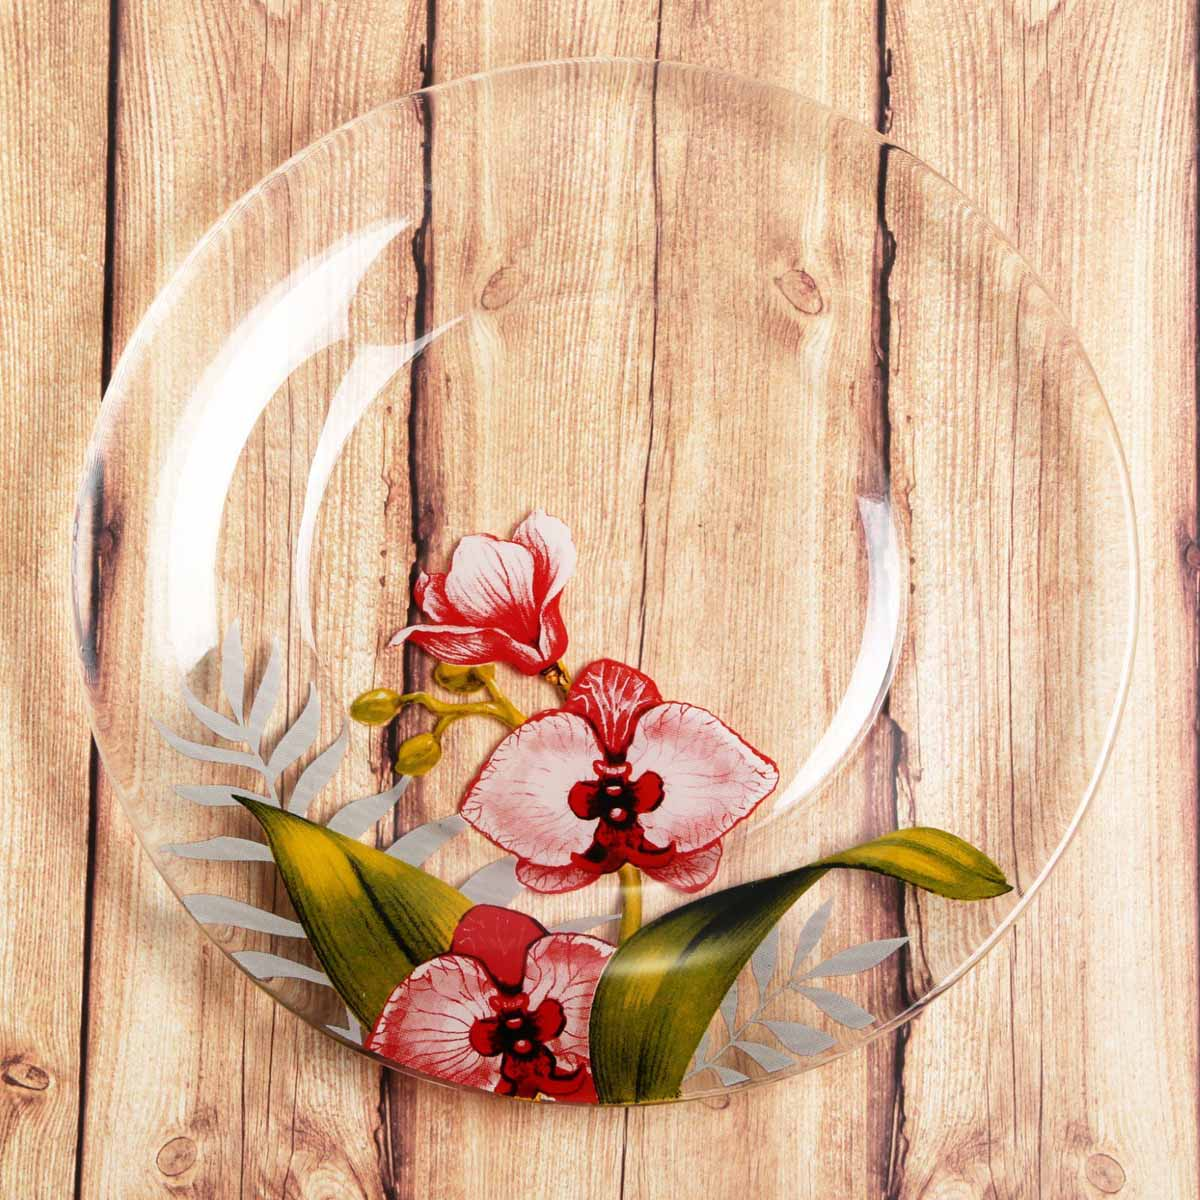 Тарелка Sima-land Орхидеи , диаметр 20 см2196445Красивая тарелка с рисунком дополнит праздничный стол, ведь прозрачное стекло выглядит элегантно и стильно.Предмет можно использовать в микроволновой печи и посудомоечной машине.При бережном обращении изделие будет радовать вас безукоризненным внешним видом долгие годы.